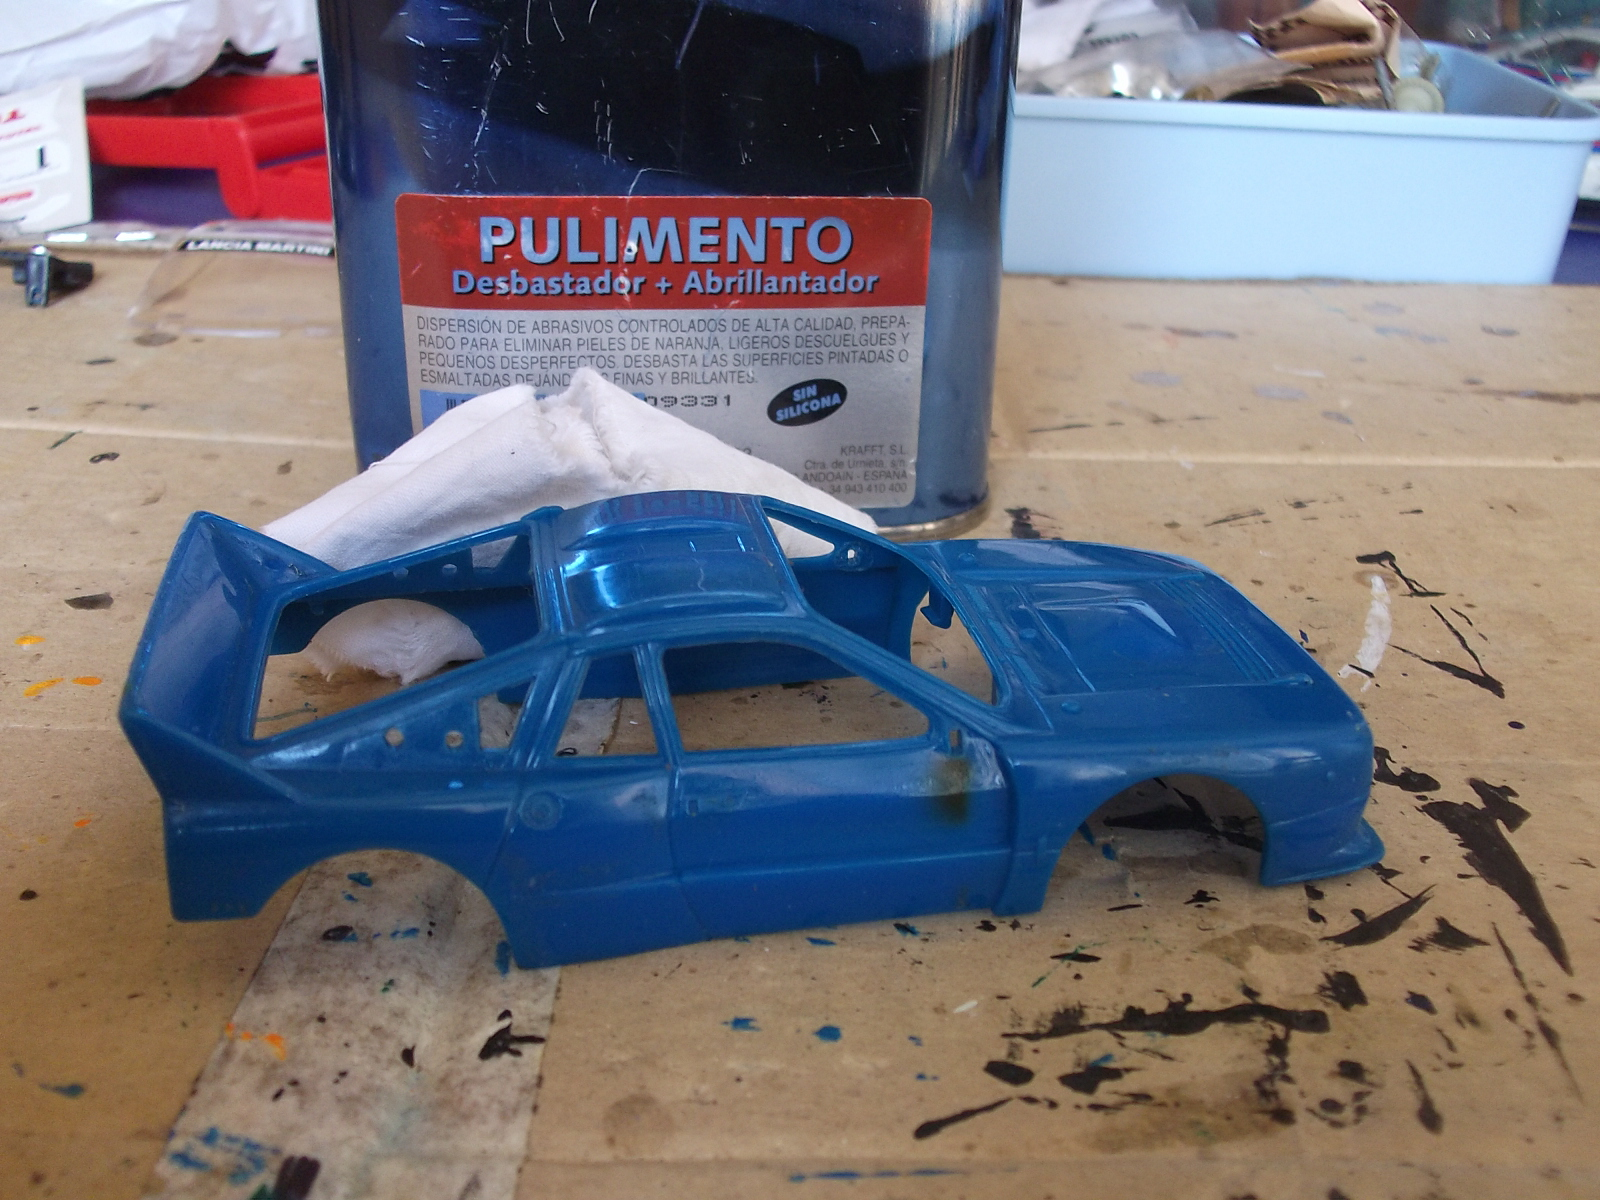 El rinc n de titoju lancia 037 pioneer ex n - Pulimento para faros ...